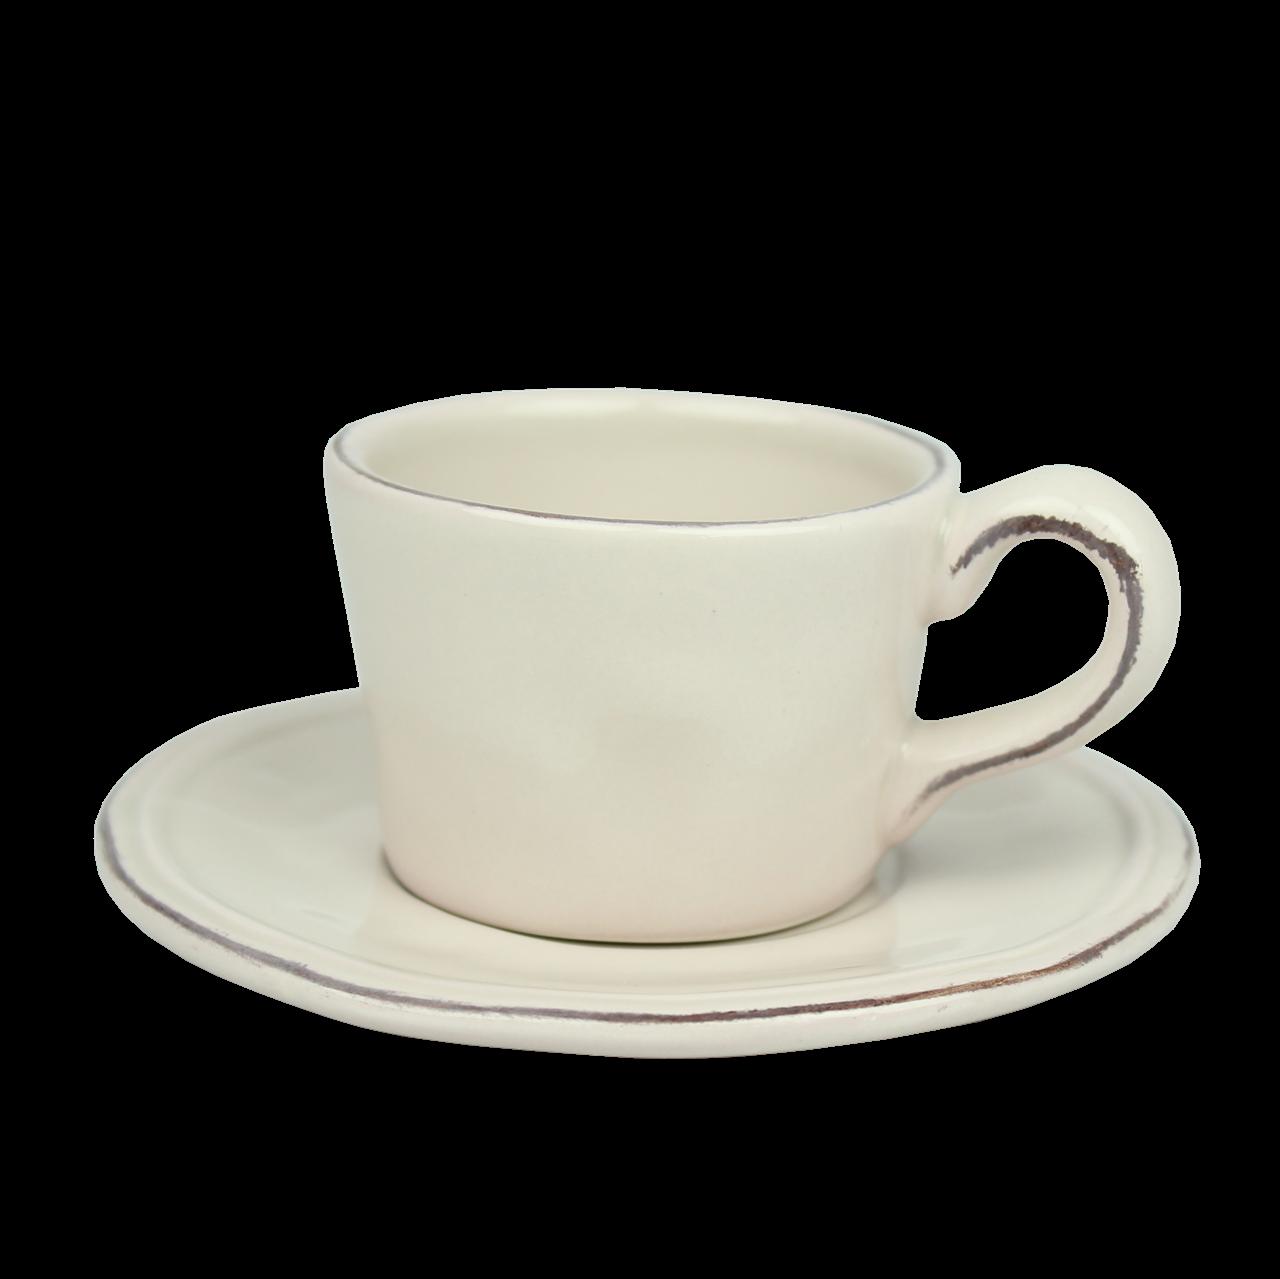 Ceasca Cu Farfurie Din Ceramica Crem